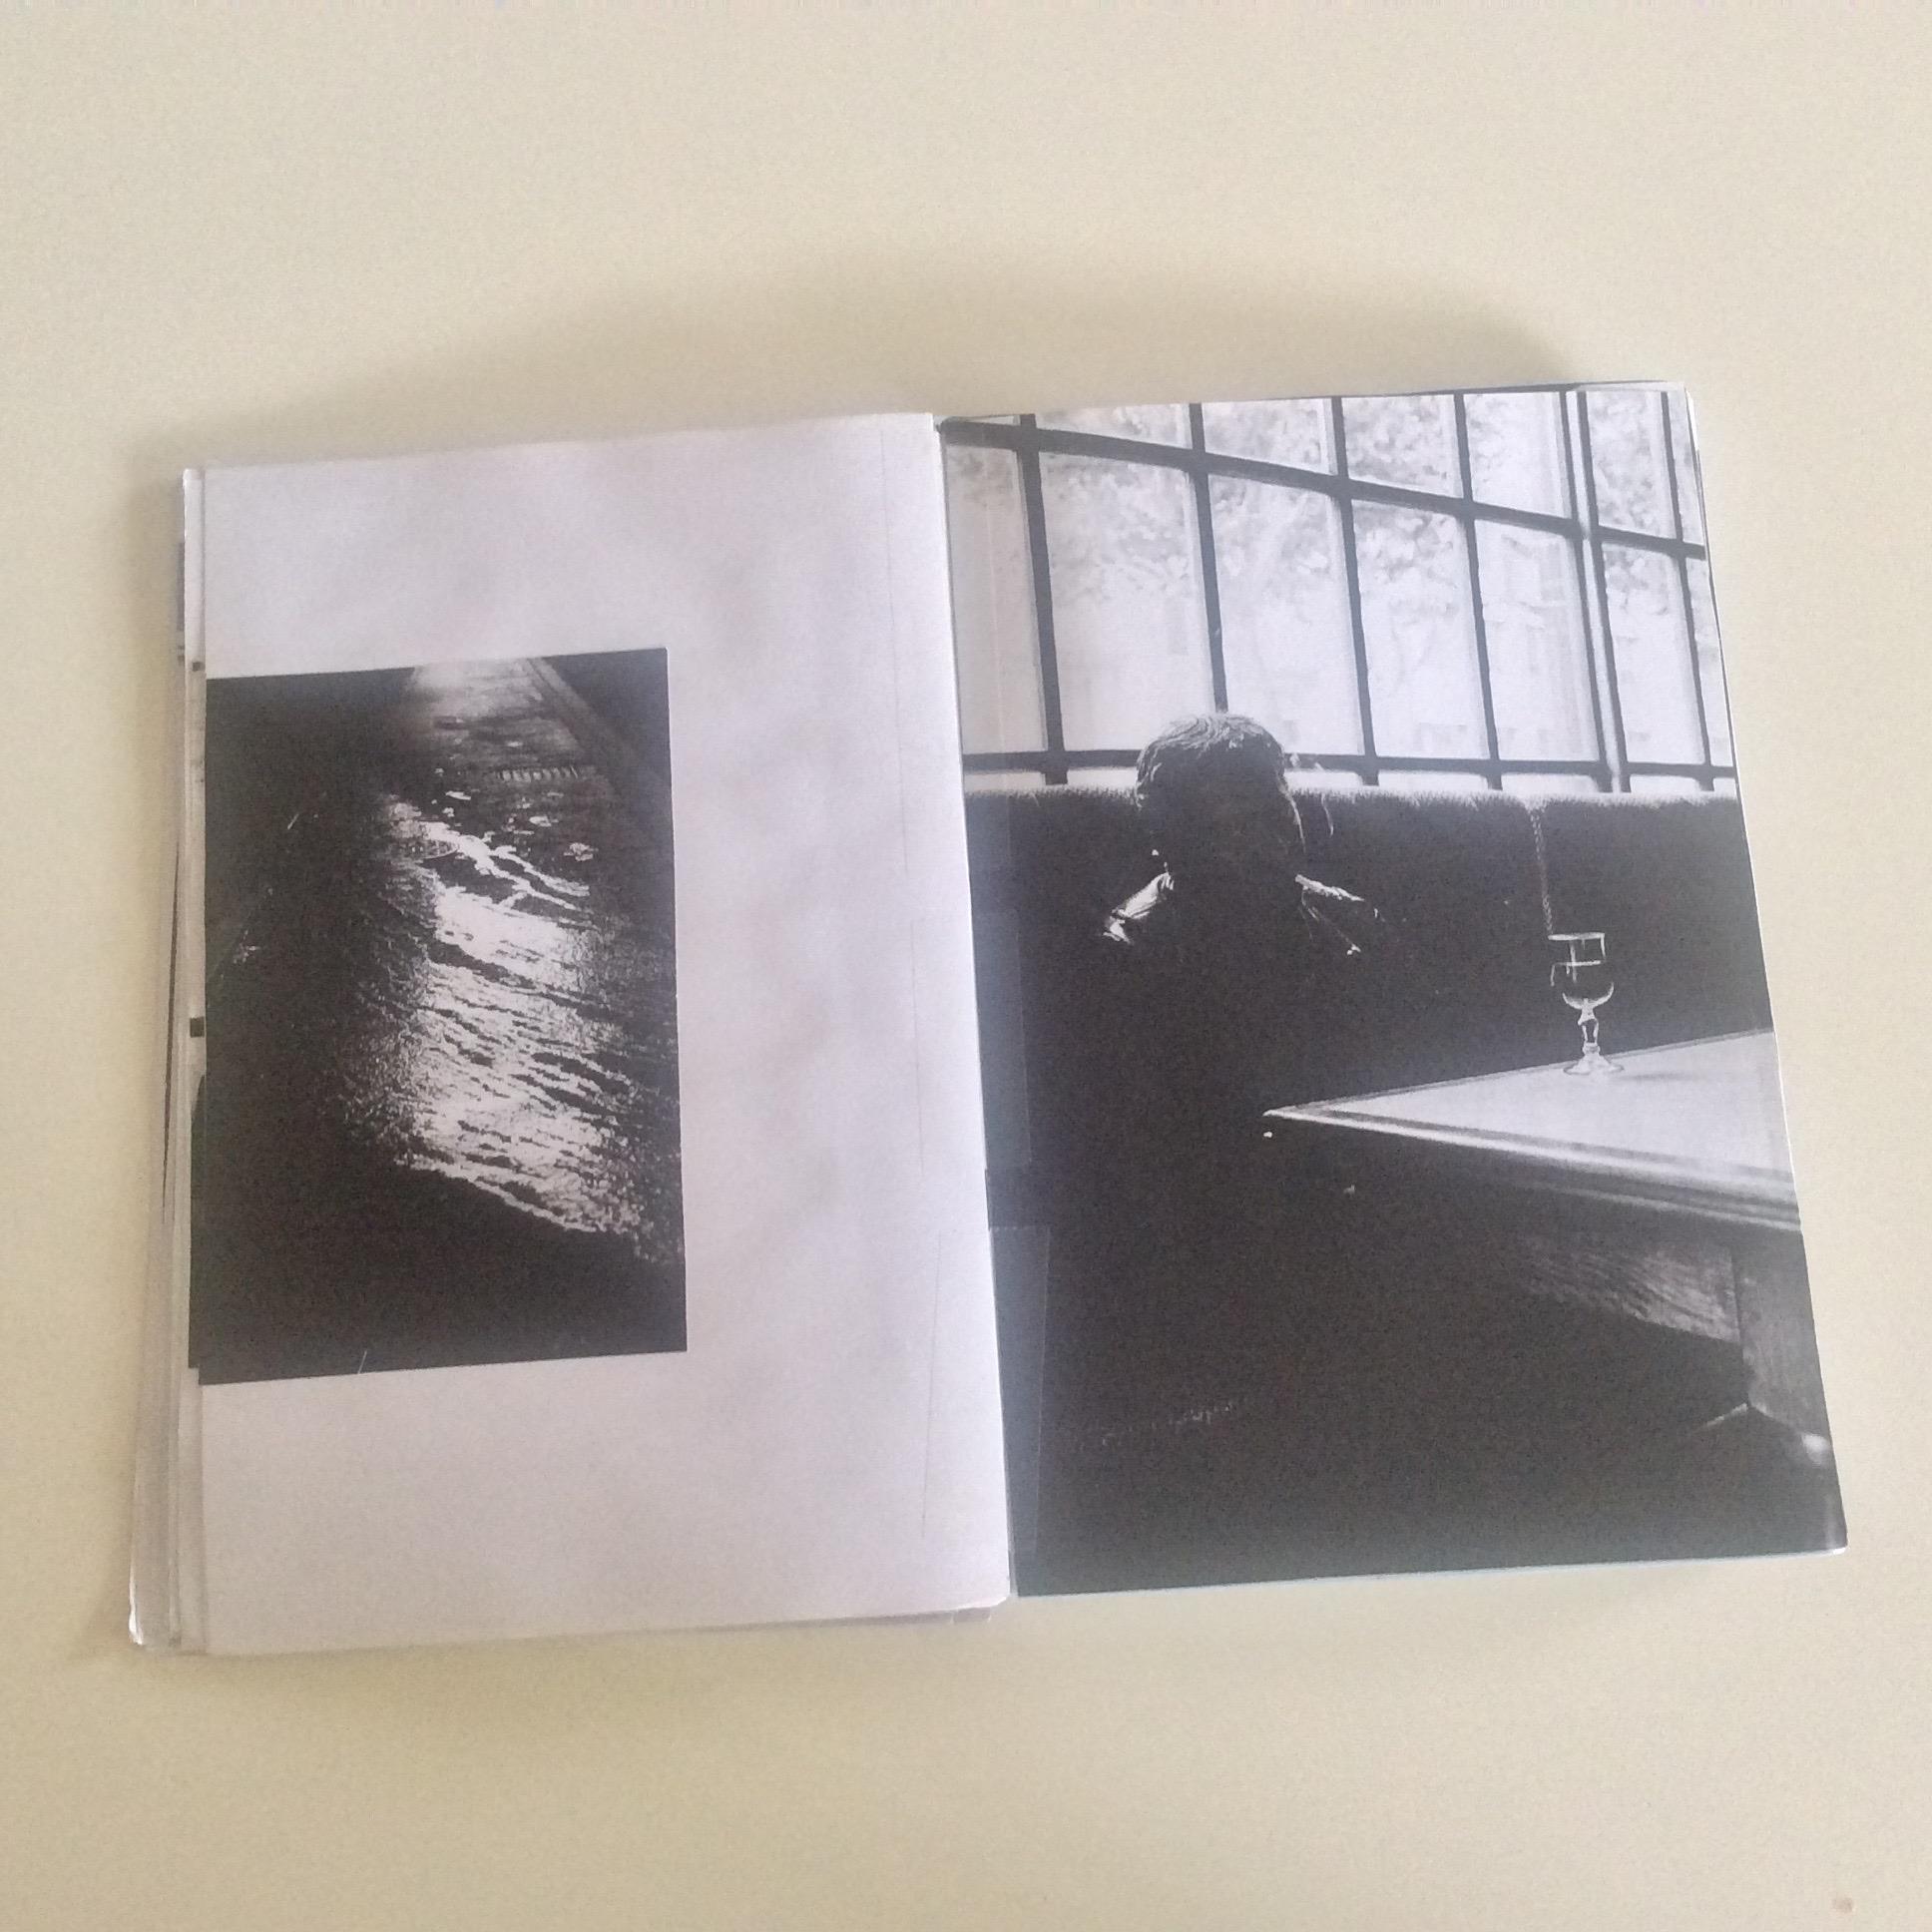 Photographies Sabrina Karp-dessin du livre Claire Jolin-les editions orange claireIMG_1466